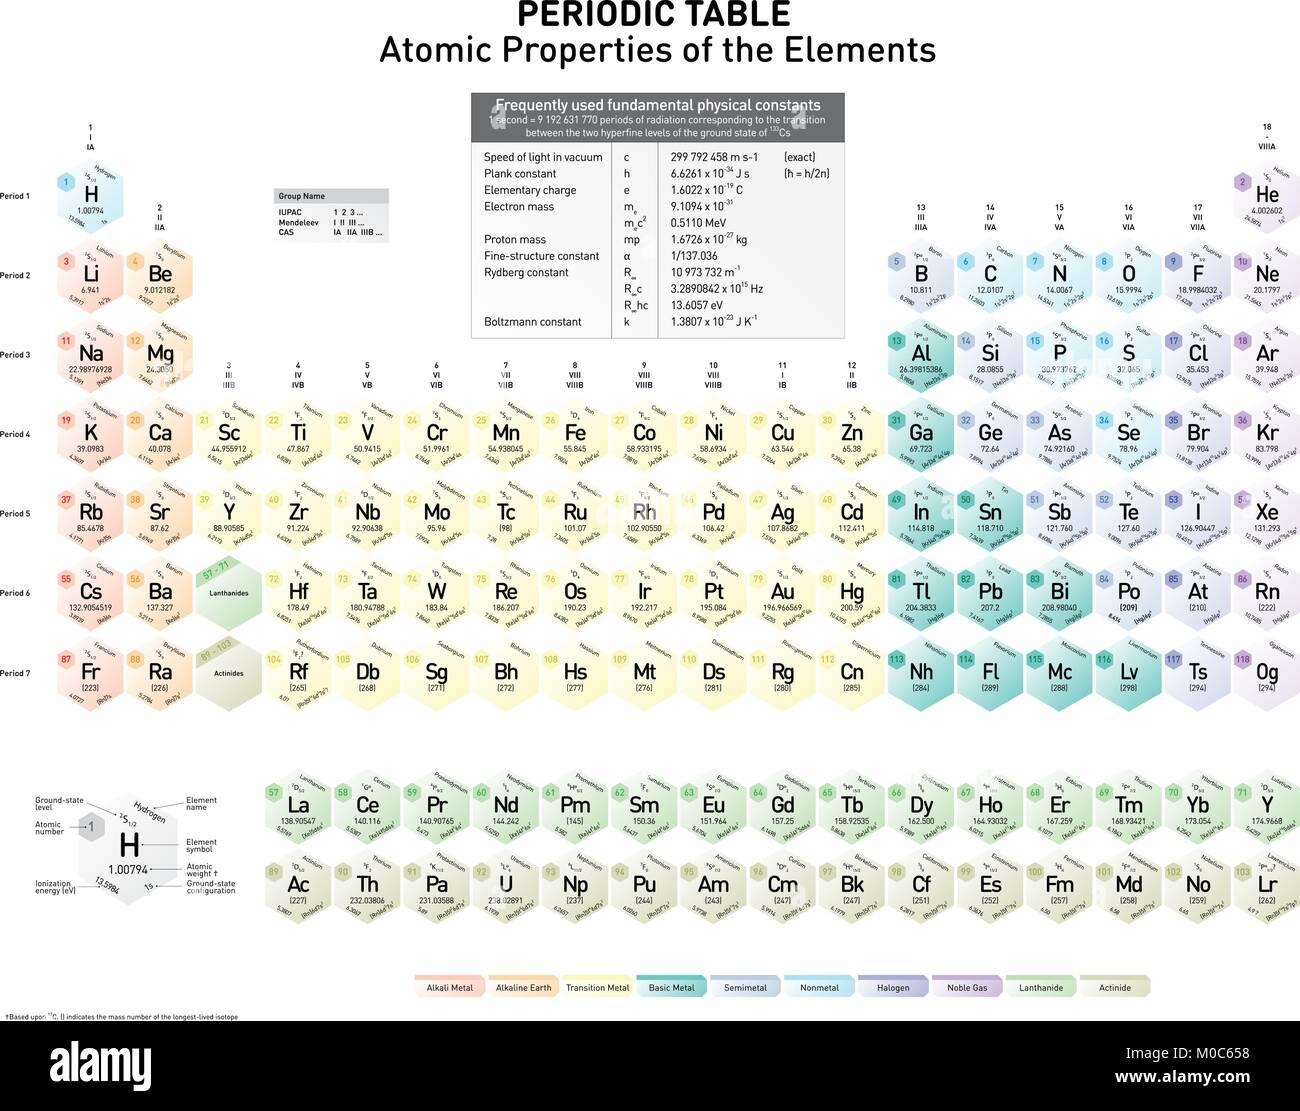 tabla peridica de los elementos con la tierra tierra de nivel estatal estado de configuracin nmero atmico el nombre del elemento el elemento del - Tabla Periodica Con Nombres Y Peso Atomico